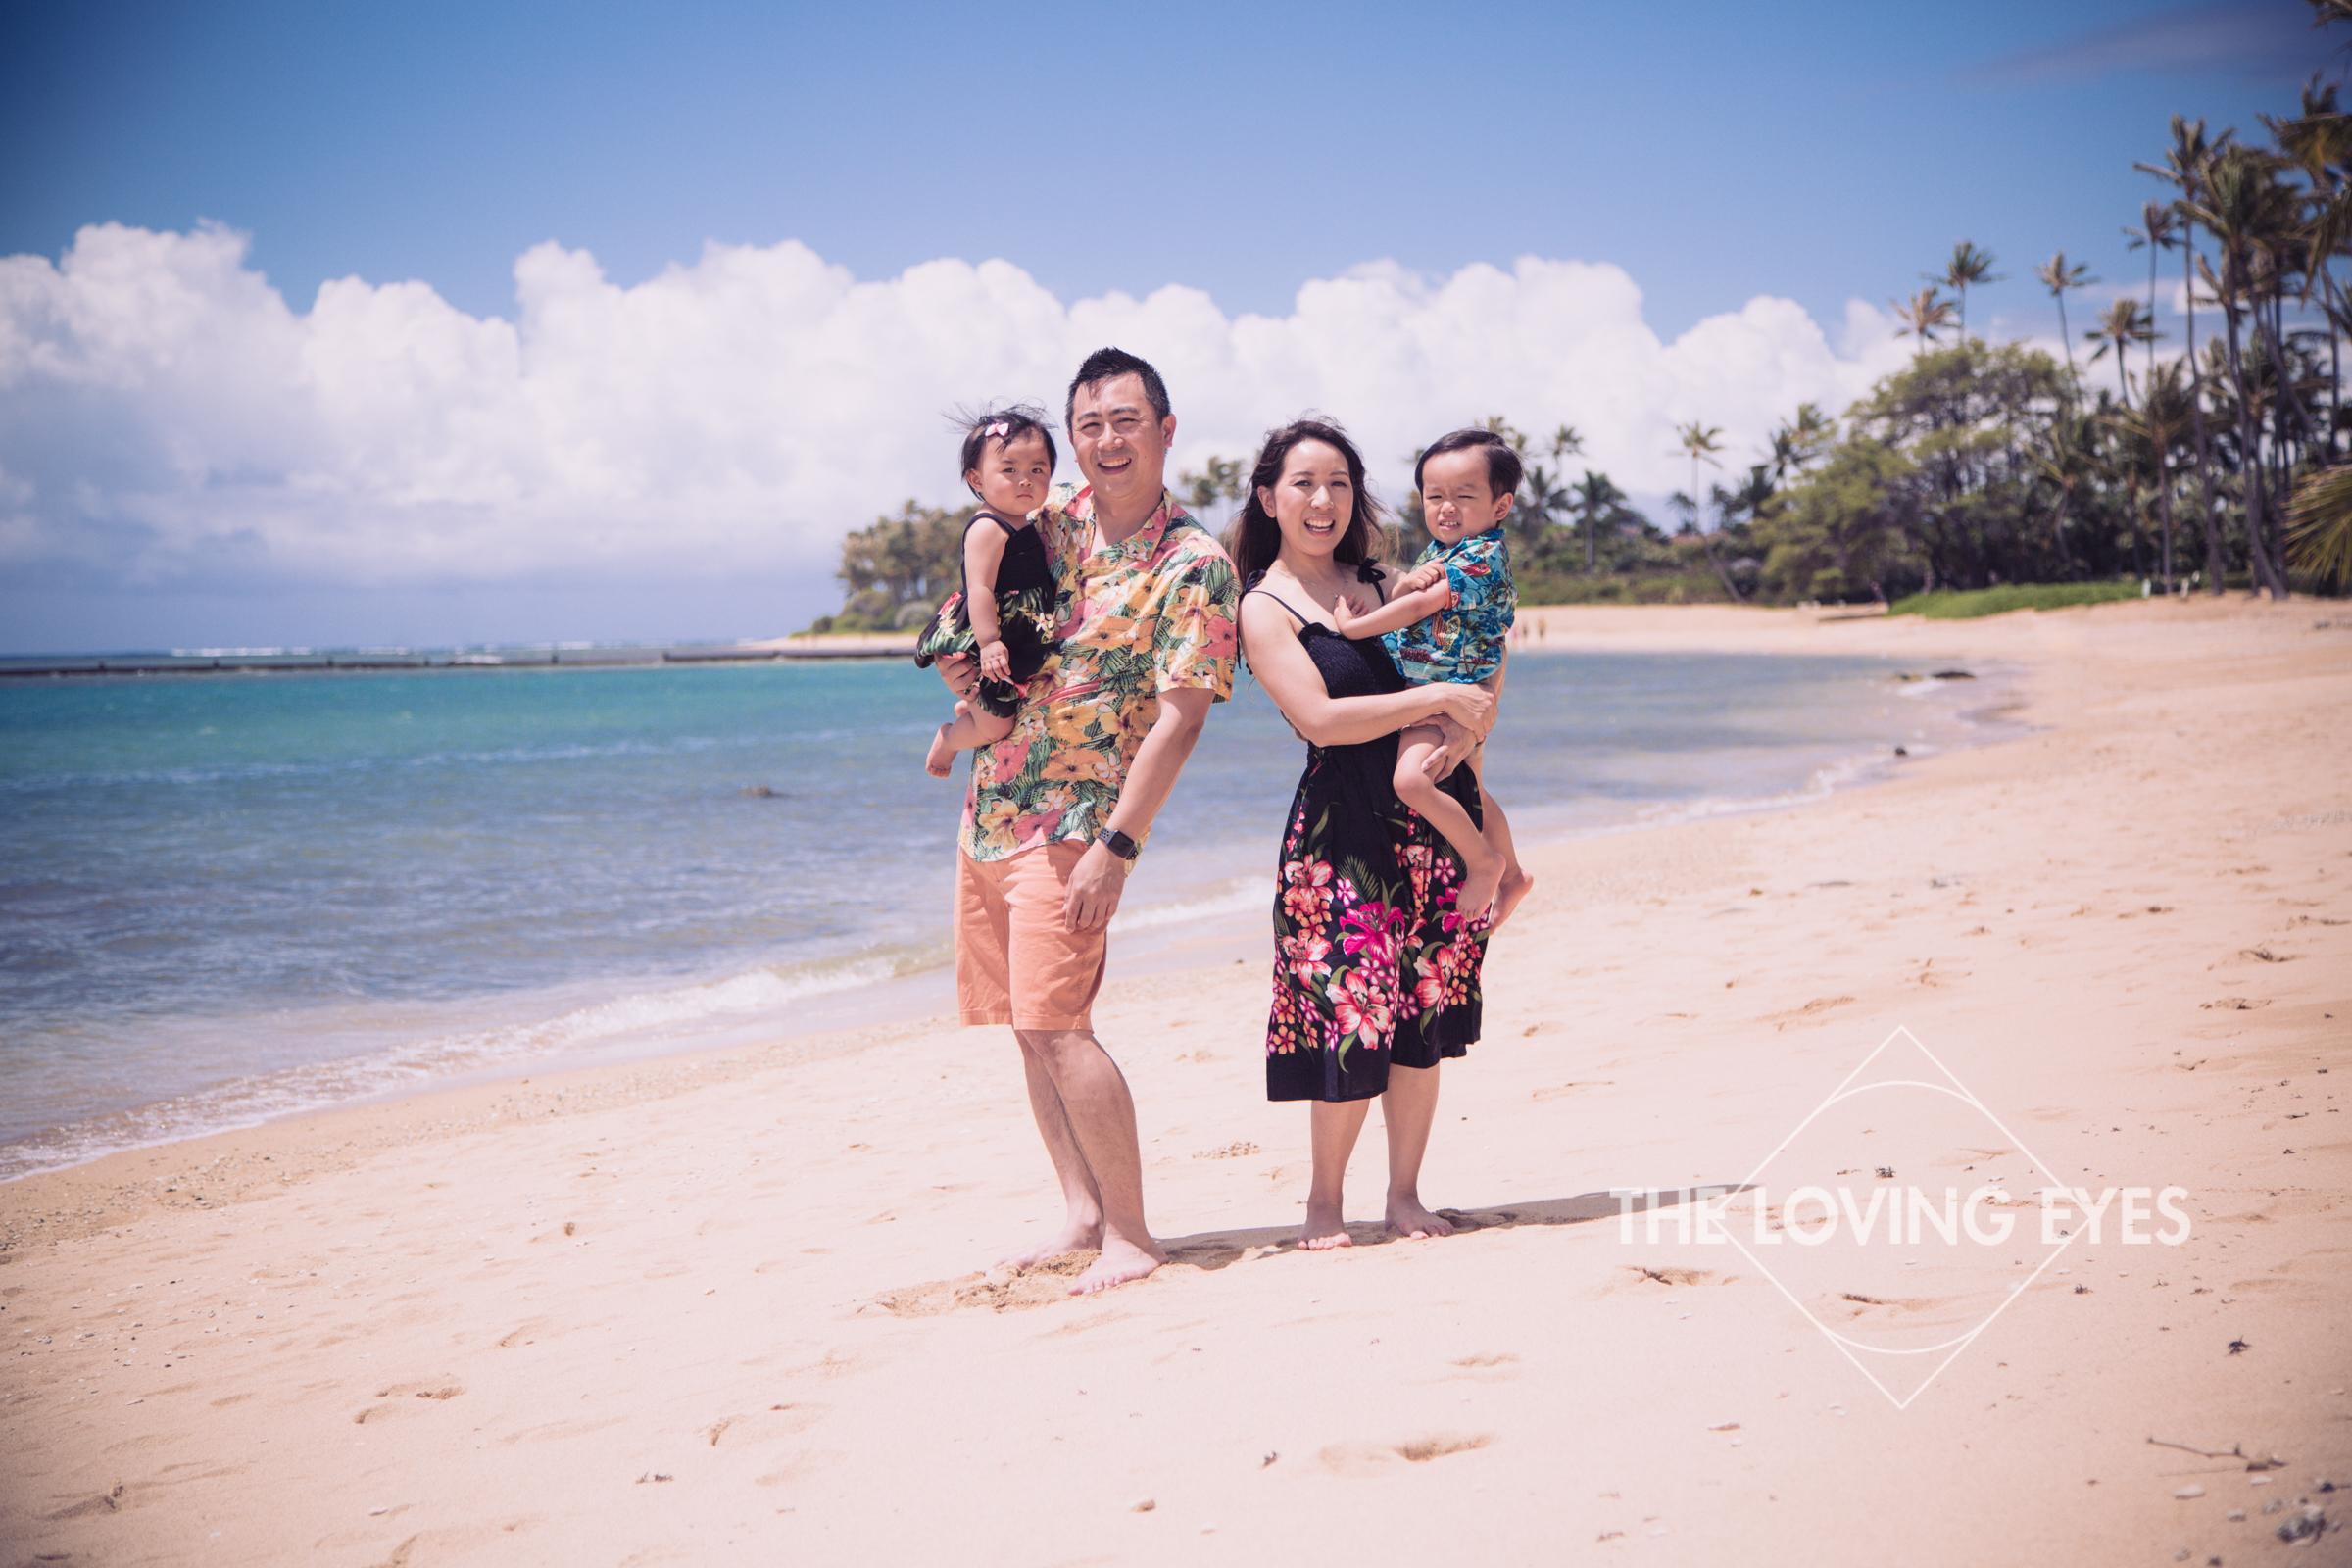 Hawaii family vacation photo-8.jpg